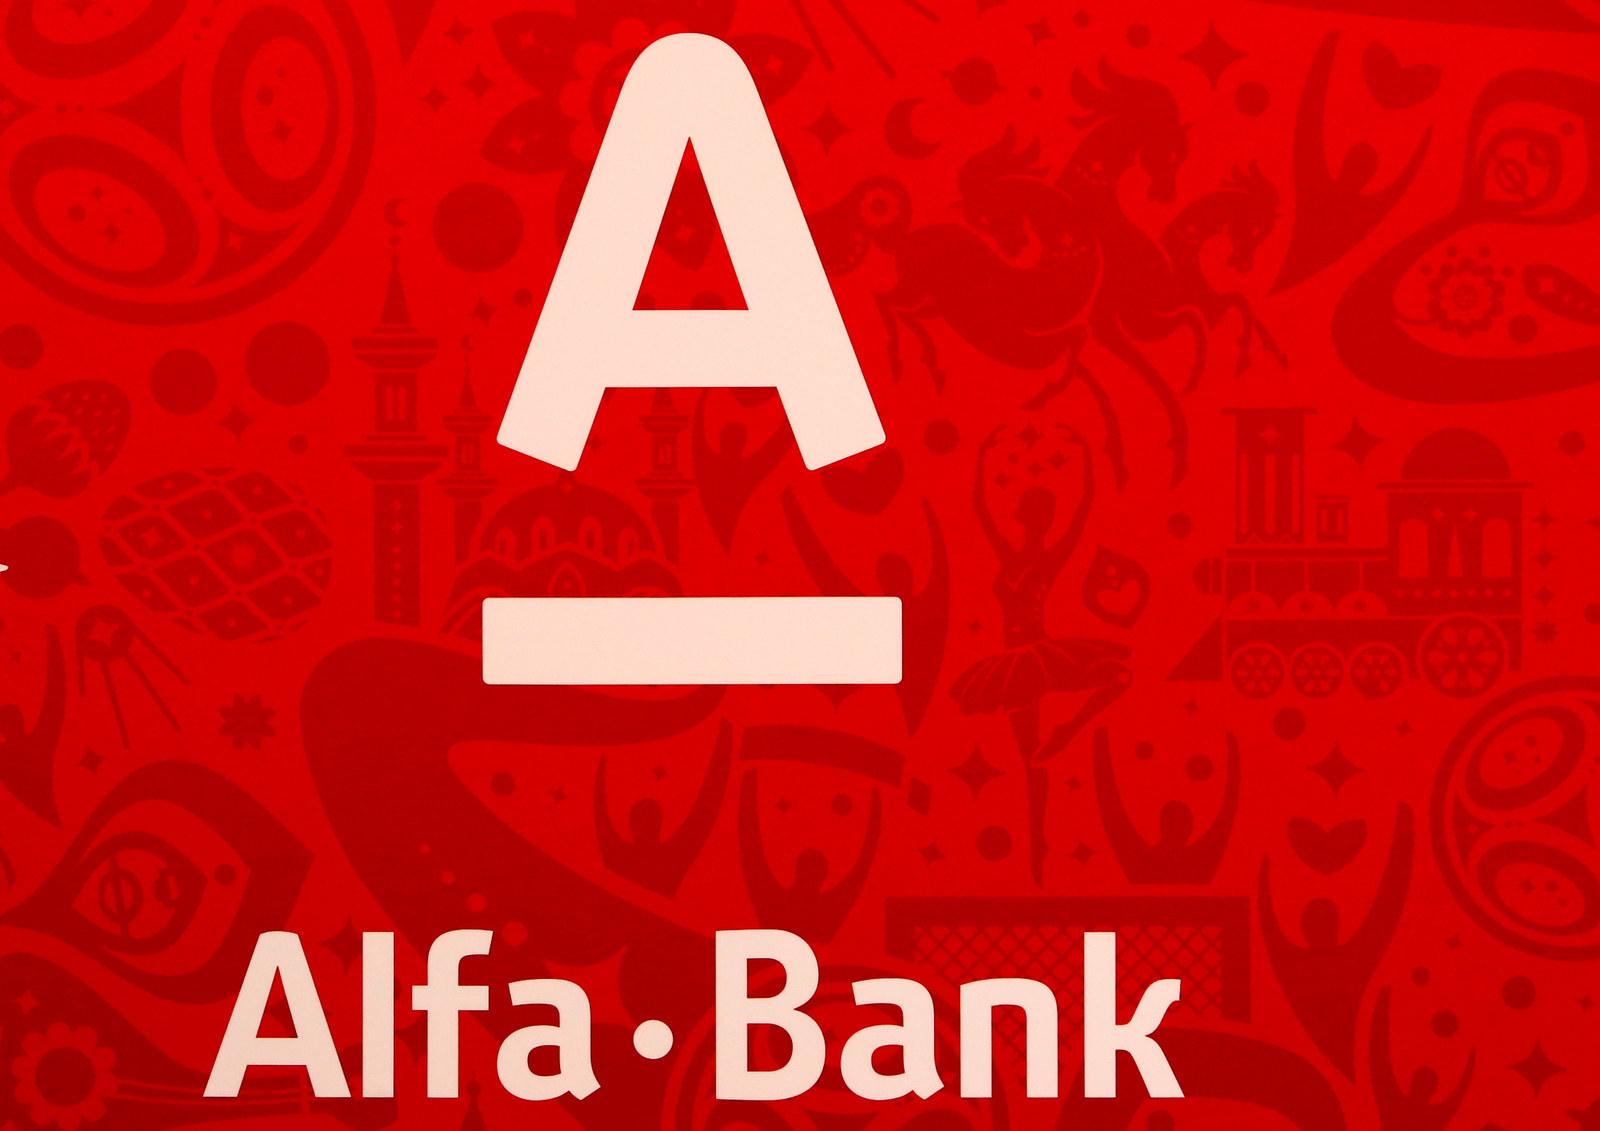 альфа банк лого картинки для